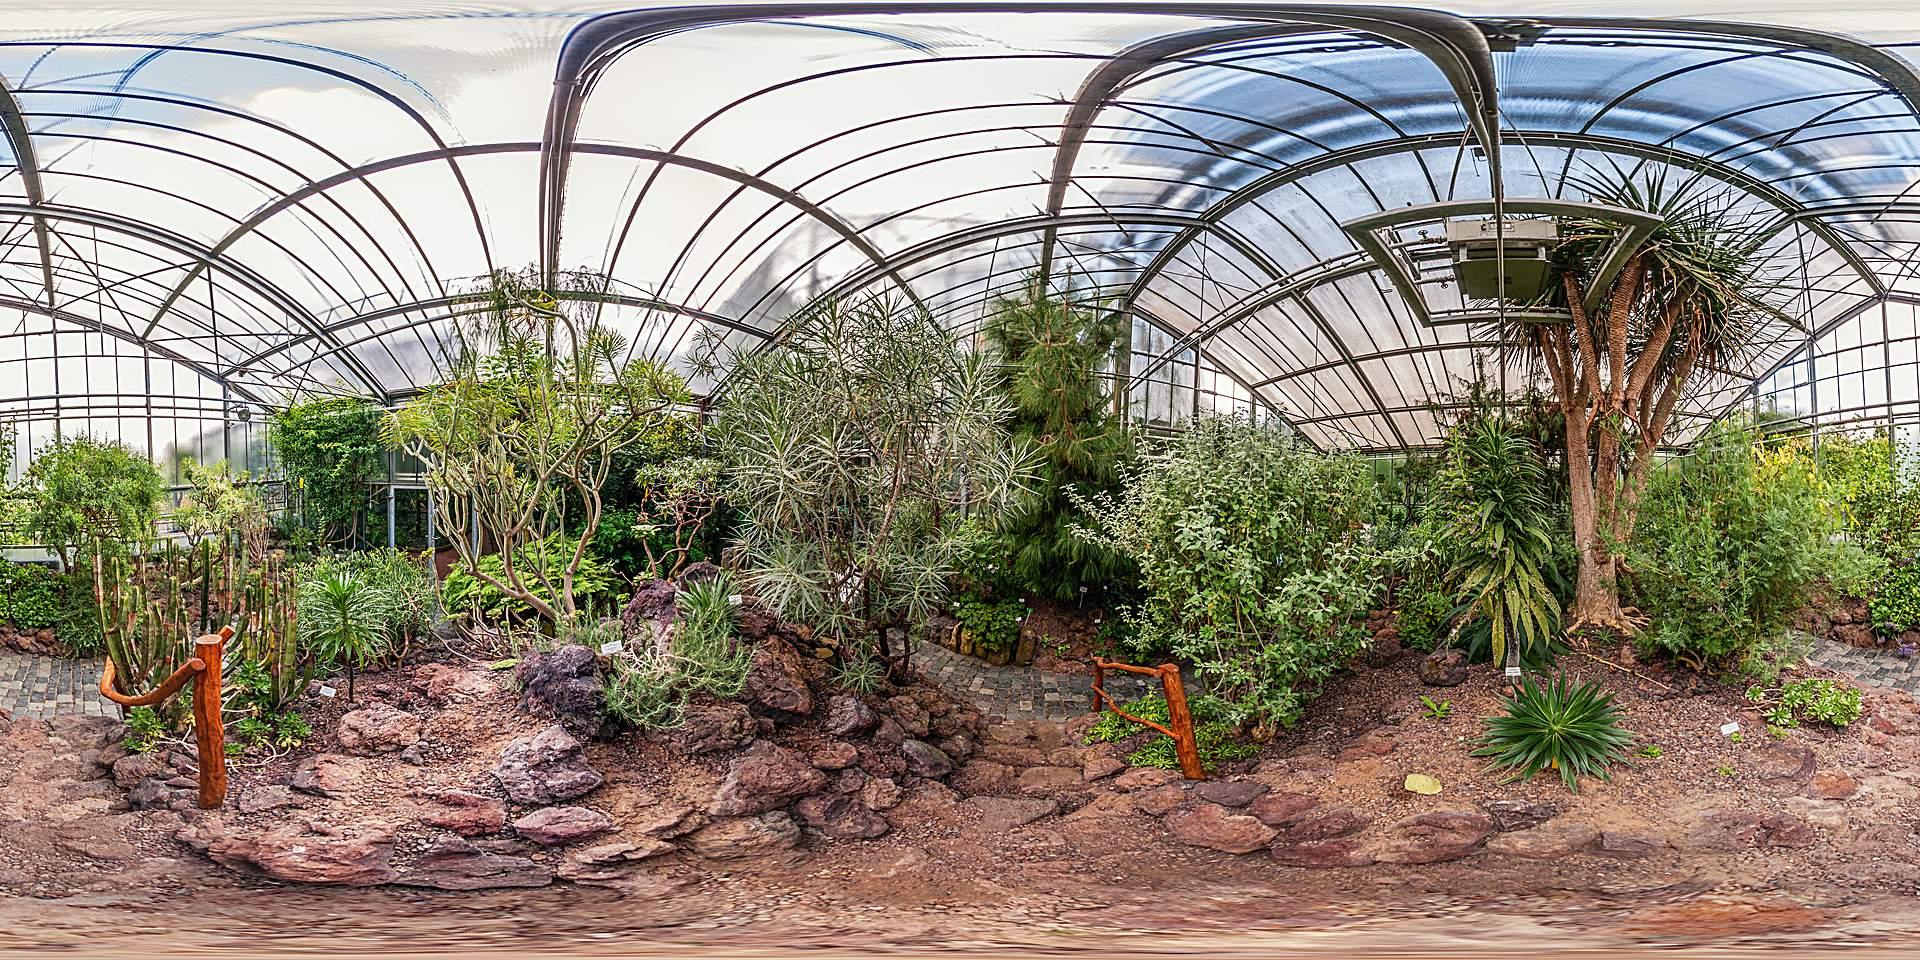 Botanischer Garten Marburg Kanarenhaus